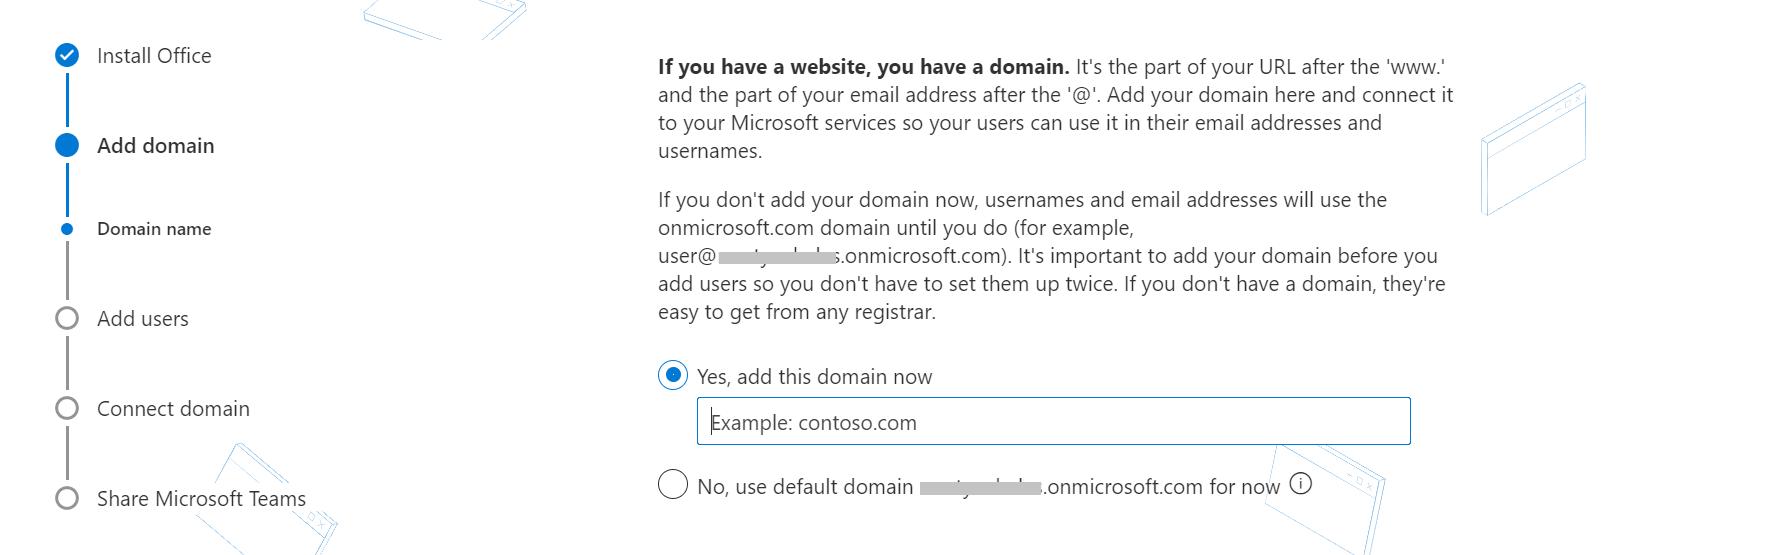 通过将域添加到Office 365来设置自定义电子邮件地址。